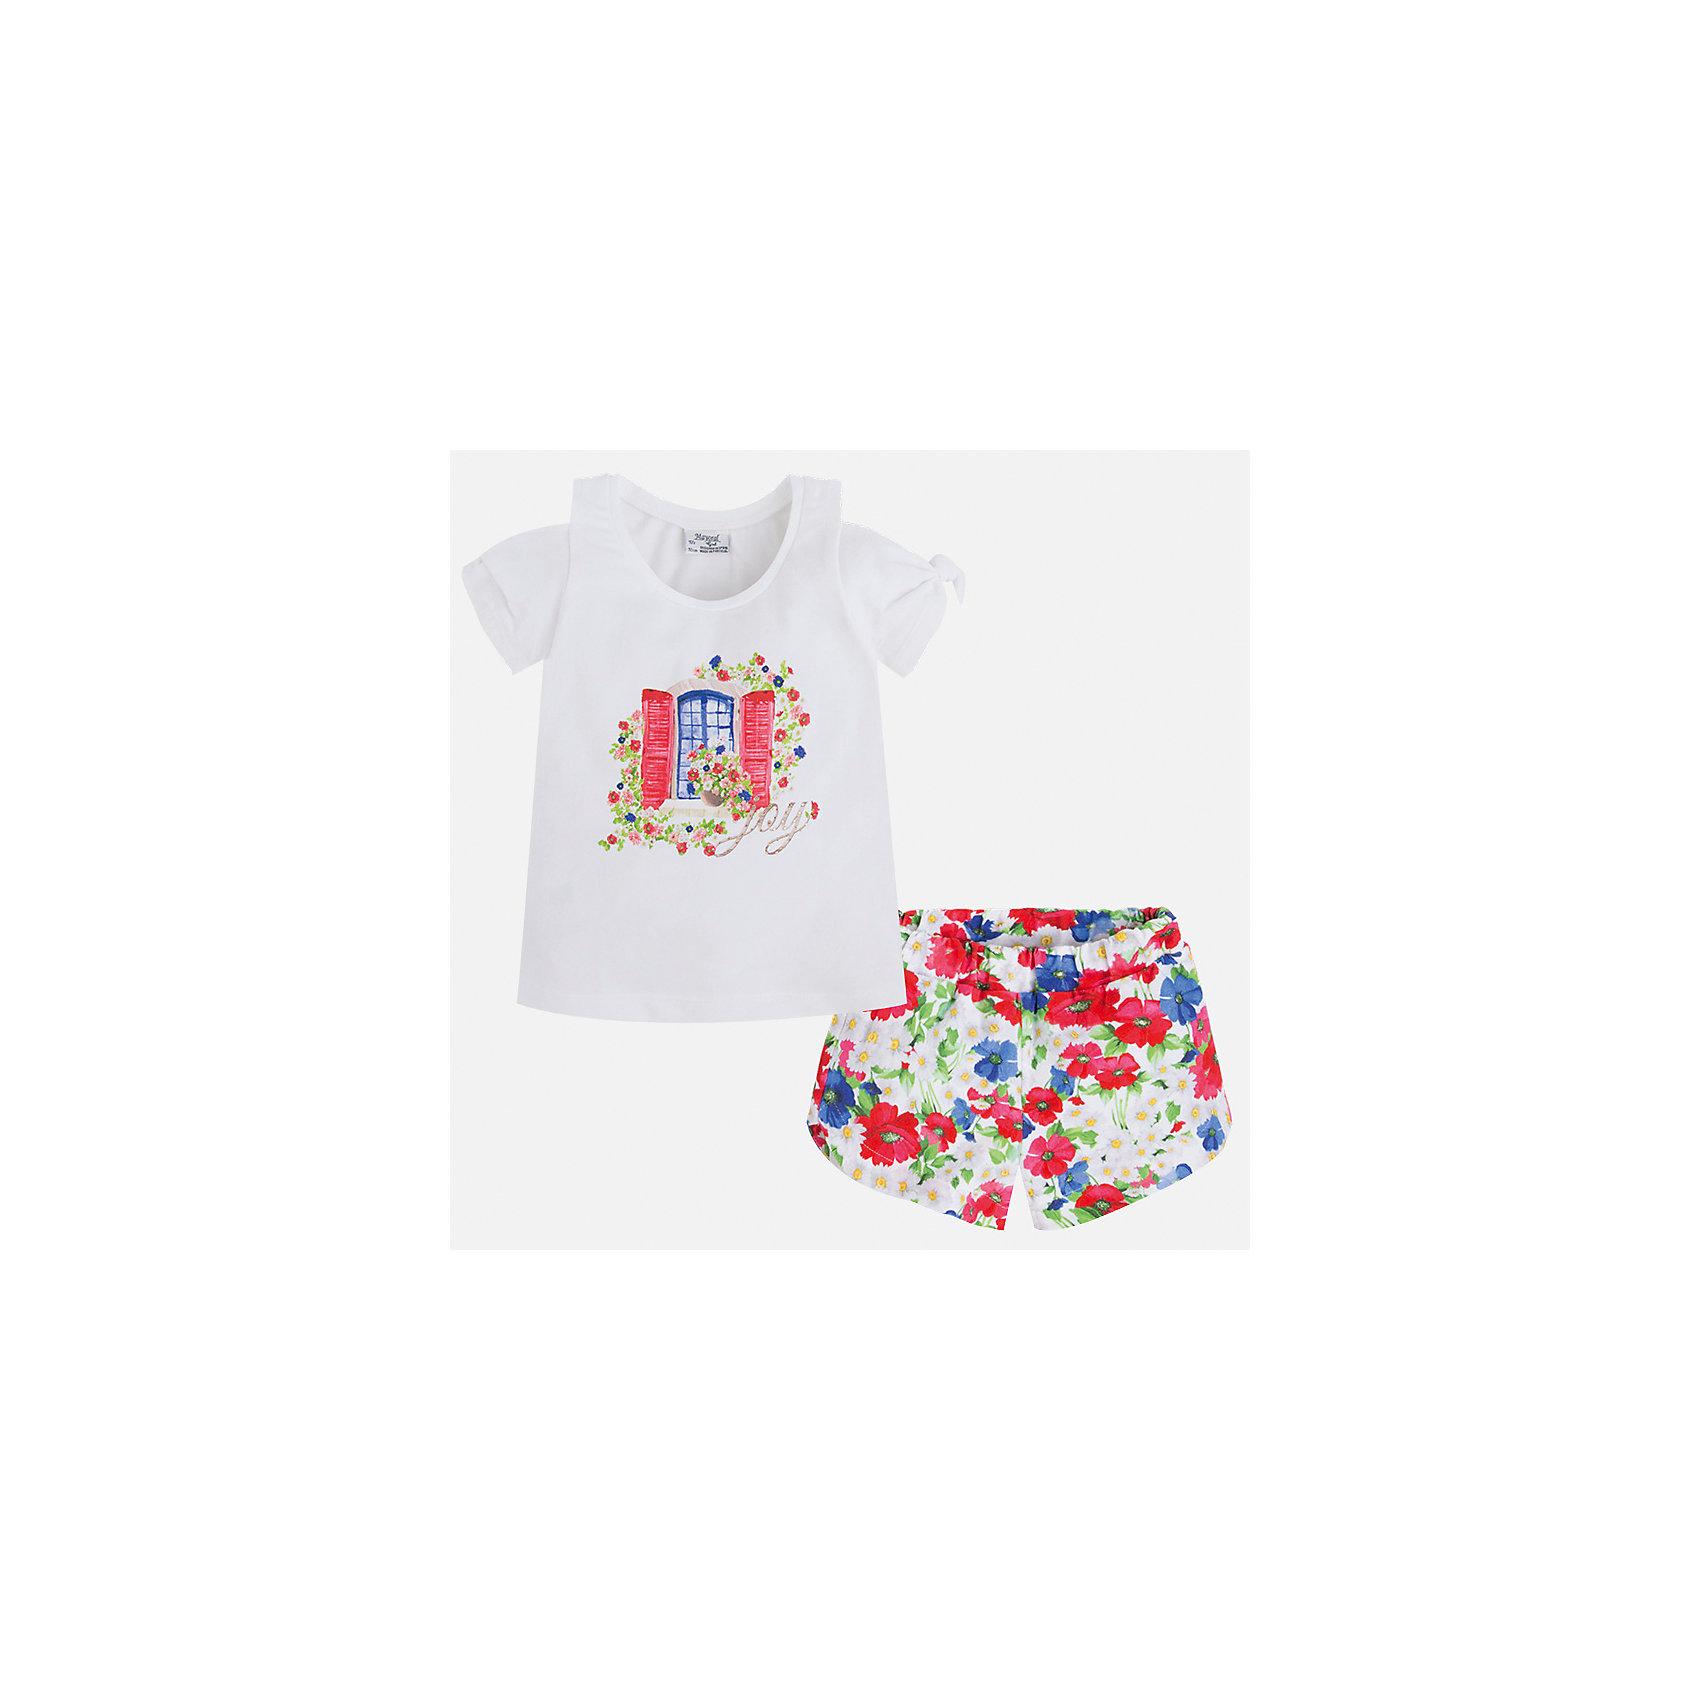 Комплект: футболка и шорты для девочки MayoralВесенняя капель<br>Характеристики товара:<br><br>• цвет: белый/мультиколор<br>• состав: 95% хлопок, 5% эластан<br>• комплектация: футболка, шорты<br>• футболка декорирована принтом<br>• шорты с принтом<br>• пояс на резинке<br>• страна бренда: Испания<br><br>Стильный качественный комплект для девочки поможет разнообразить гардероб ребенка и удобно одеться в теплую погоду. Он отлично сочетается с другими предметами. Универсальный цвет позволяет подобрать к вещам верхнюю одежду практически любой расцветки. Интересная отделка модели делает её нарядной и оригинальной. В составе материала - натуральный хлопок, гипоаллергенный, приятный на ощупь, дышащий.<br><br>Одежда, обувь и аксессуары от испанского бренда Mayoral полюбились детям и взрослым по всему миру. Модели этой марки - стильные и удобные. Для их производства используются только безопасные, качественные материалы и фурнитура. Порадуйте ребенка модными и красивыми вещами от Mayoral! <br><br>Комплект для девочки от испанского бренда Mayoral (Майорал) можно купить в нашем интернет-магазине.<br><br>Ширина мм: 191<br>Глубина мм: 10<br>Высота мм: 175<br>Вес г: 273<br>Цвет: красный<br>Возраст от месяцев: 72<br>Возраст до месяцев: 84<br>Пол: Женский<br>Возраст: Детский<br>Размер: 122,128,134,92,98,104,110,116<br>SKU: 5289875